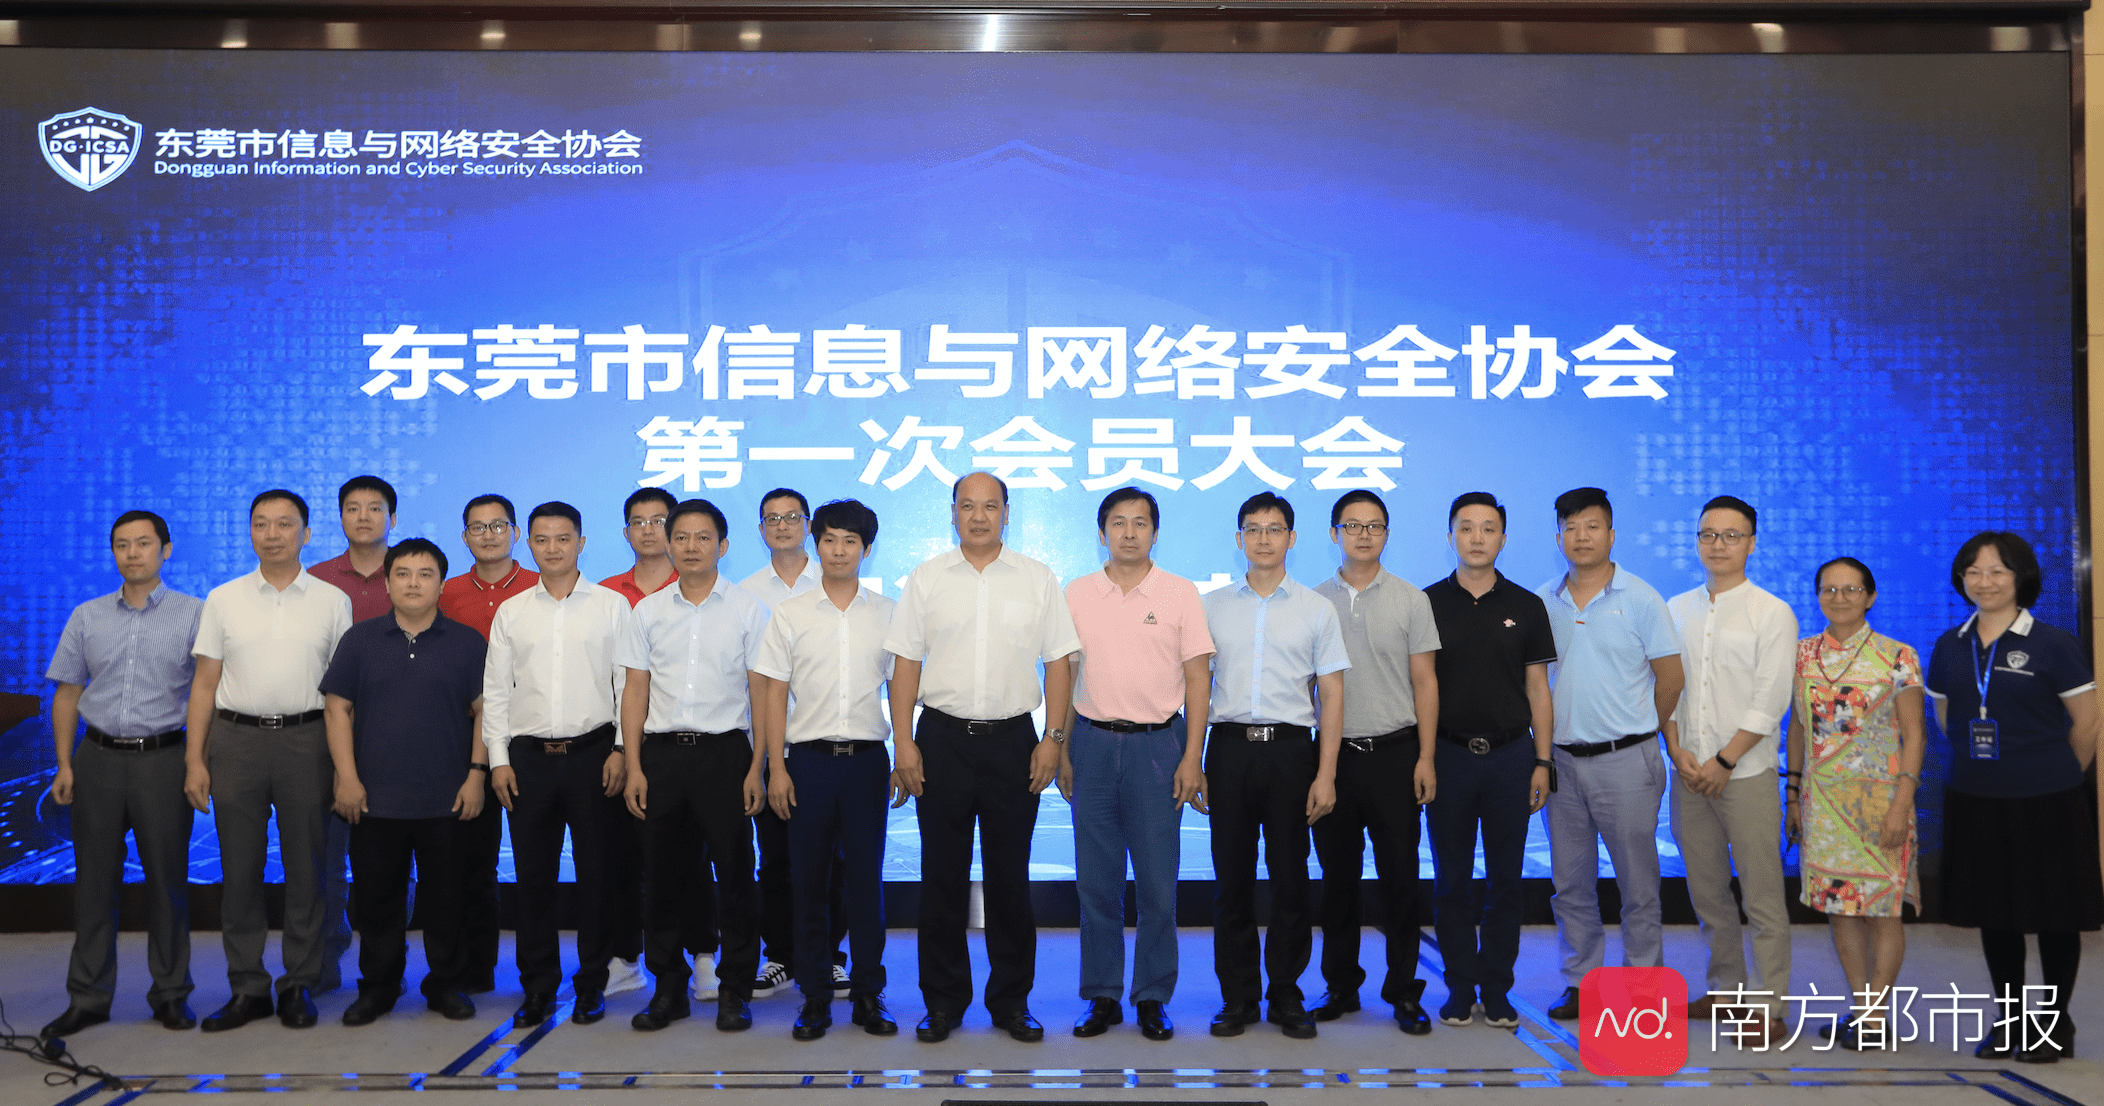 东莞9知名企业联合发起,筹备成立信息与网络安全协会